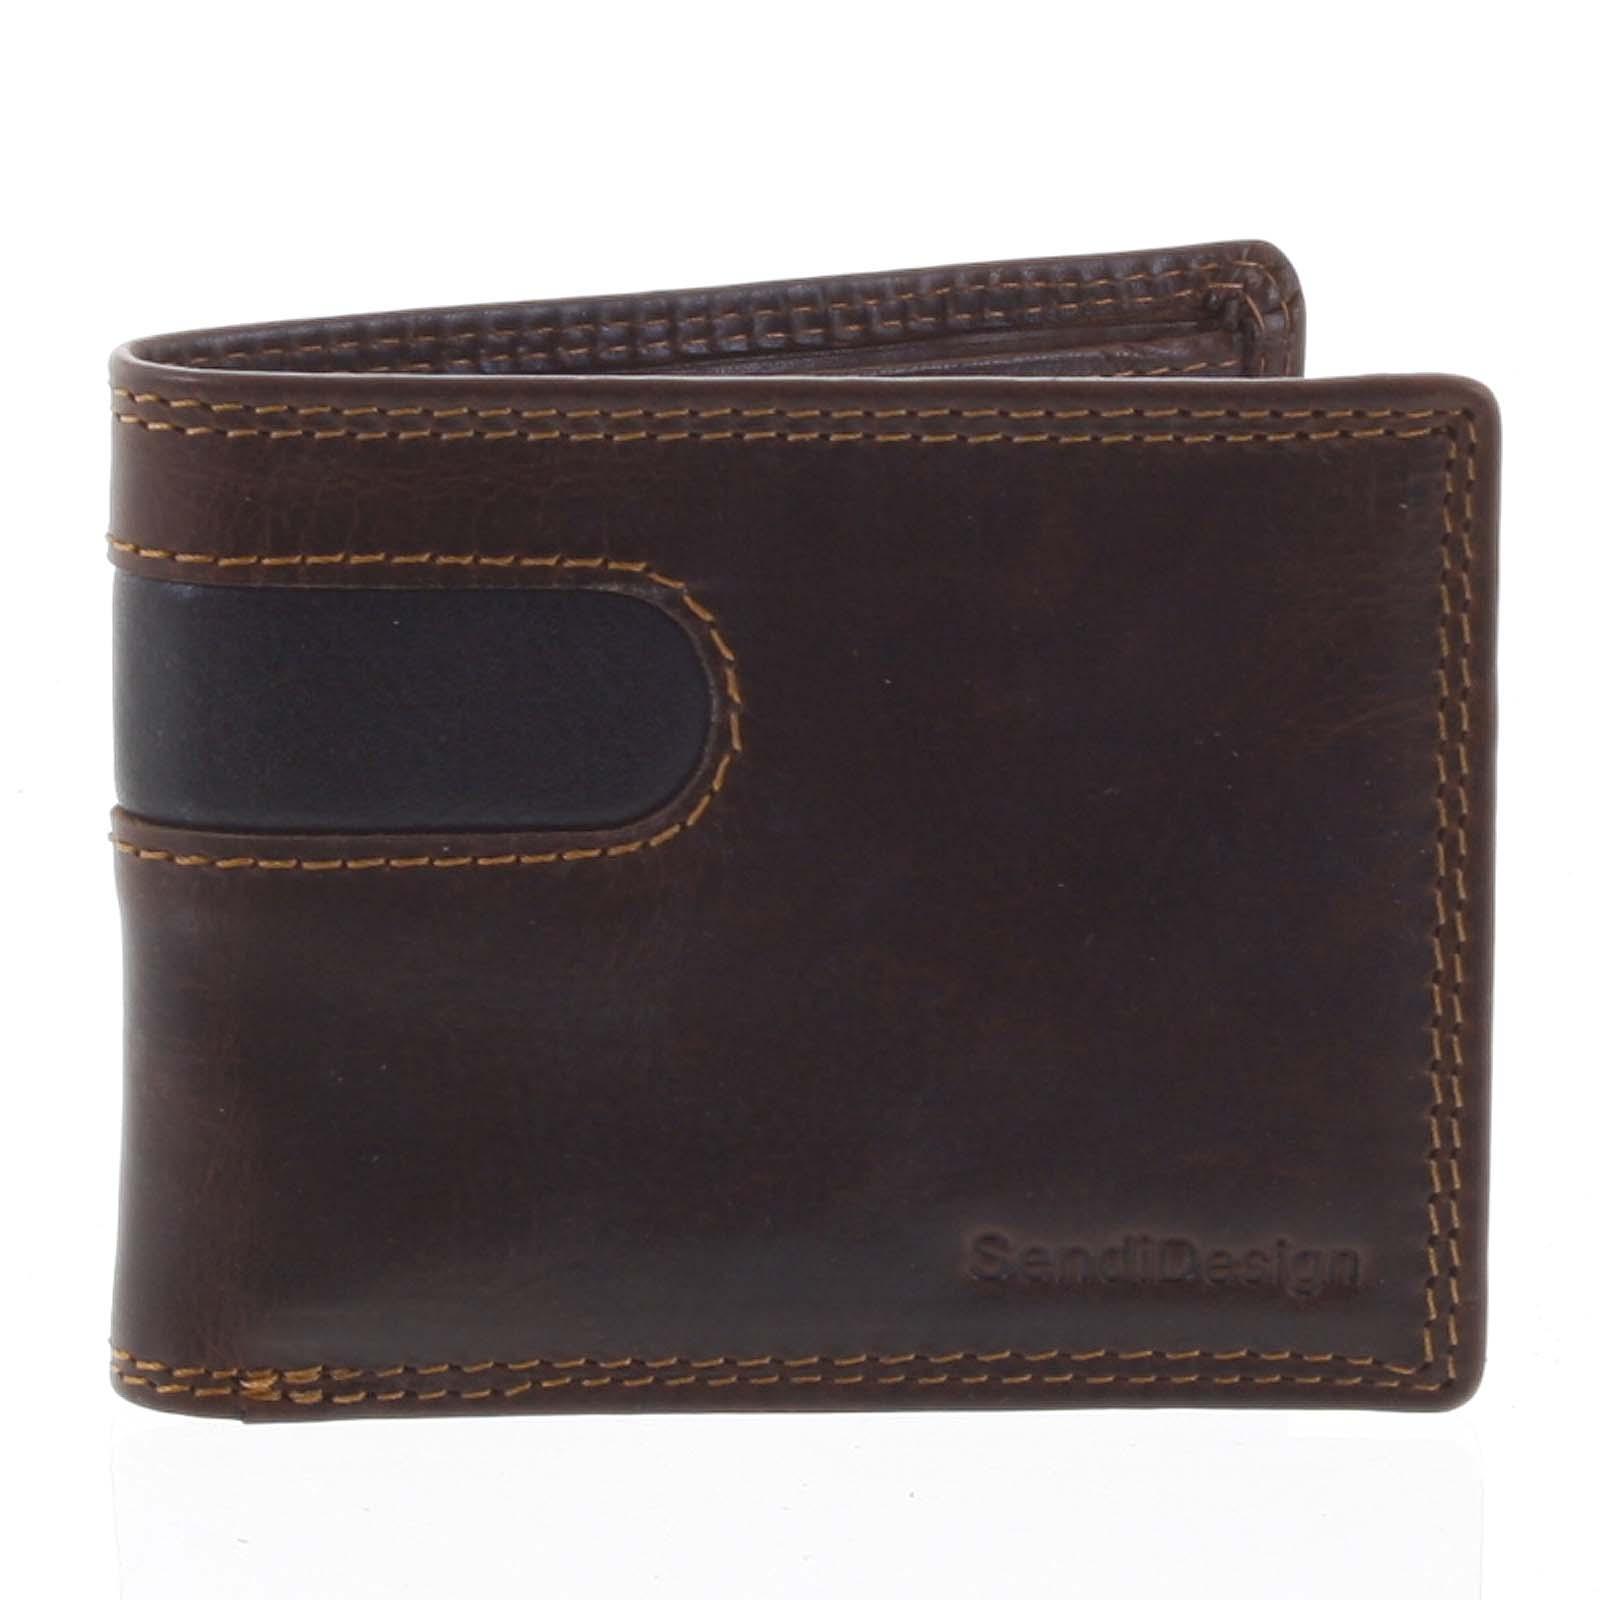 Pánská kožená peněženka na karty hnědá - SendiDesign Sinai